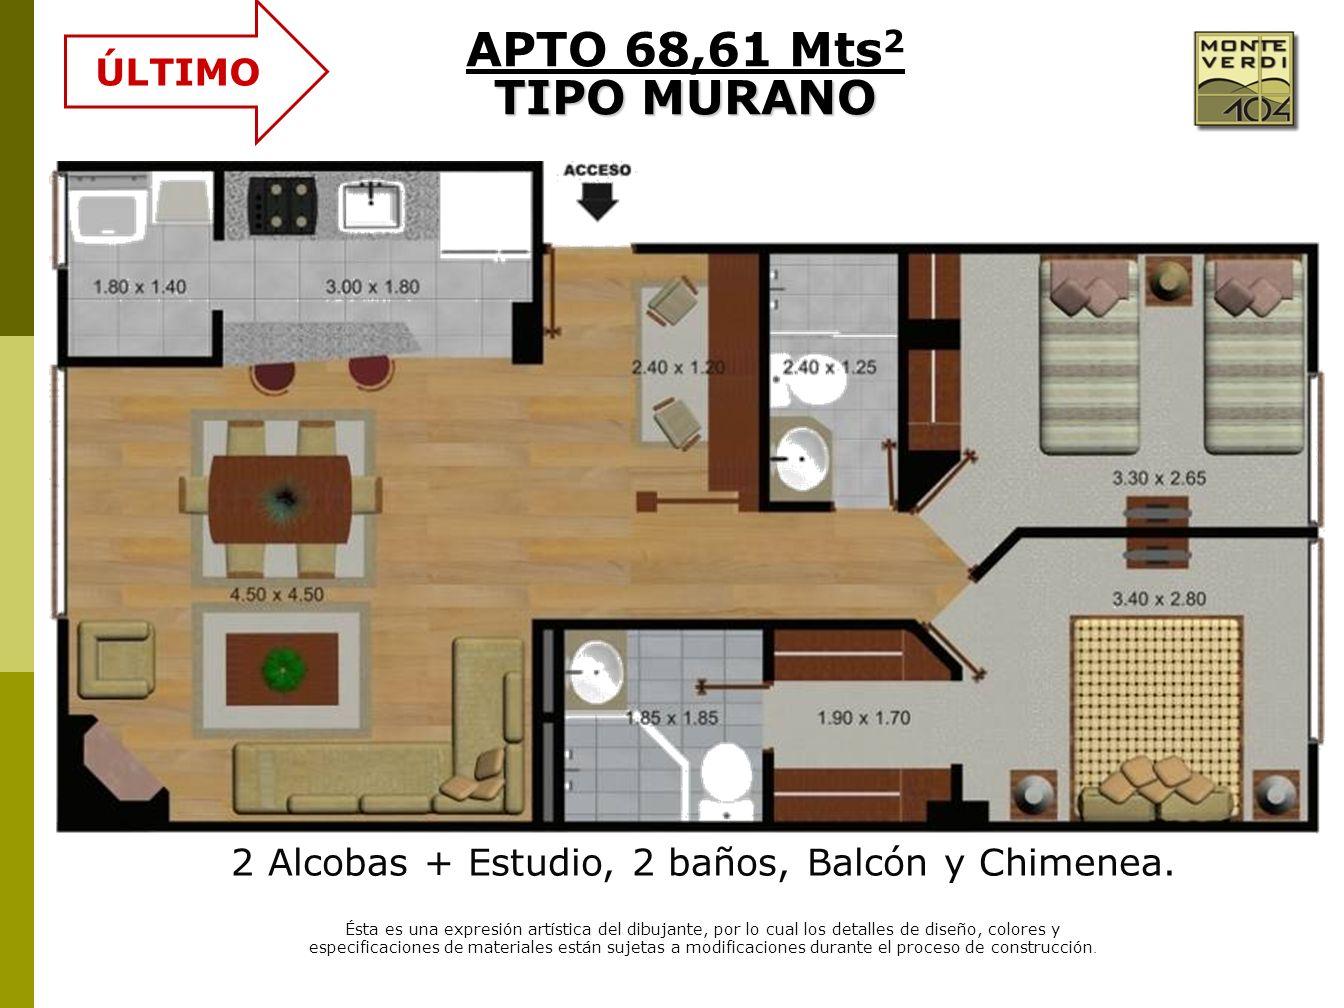 2 Alcobas + Estudio, 2 baños, Balcón y Chimenea.